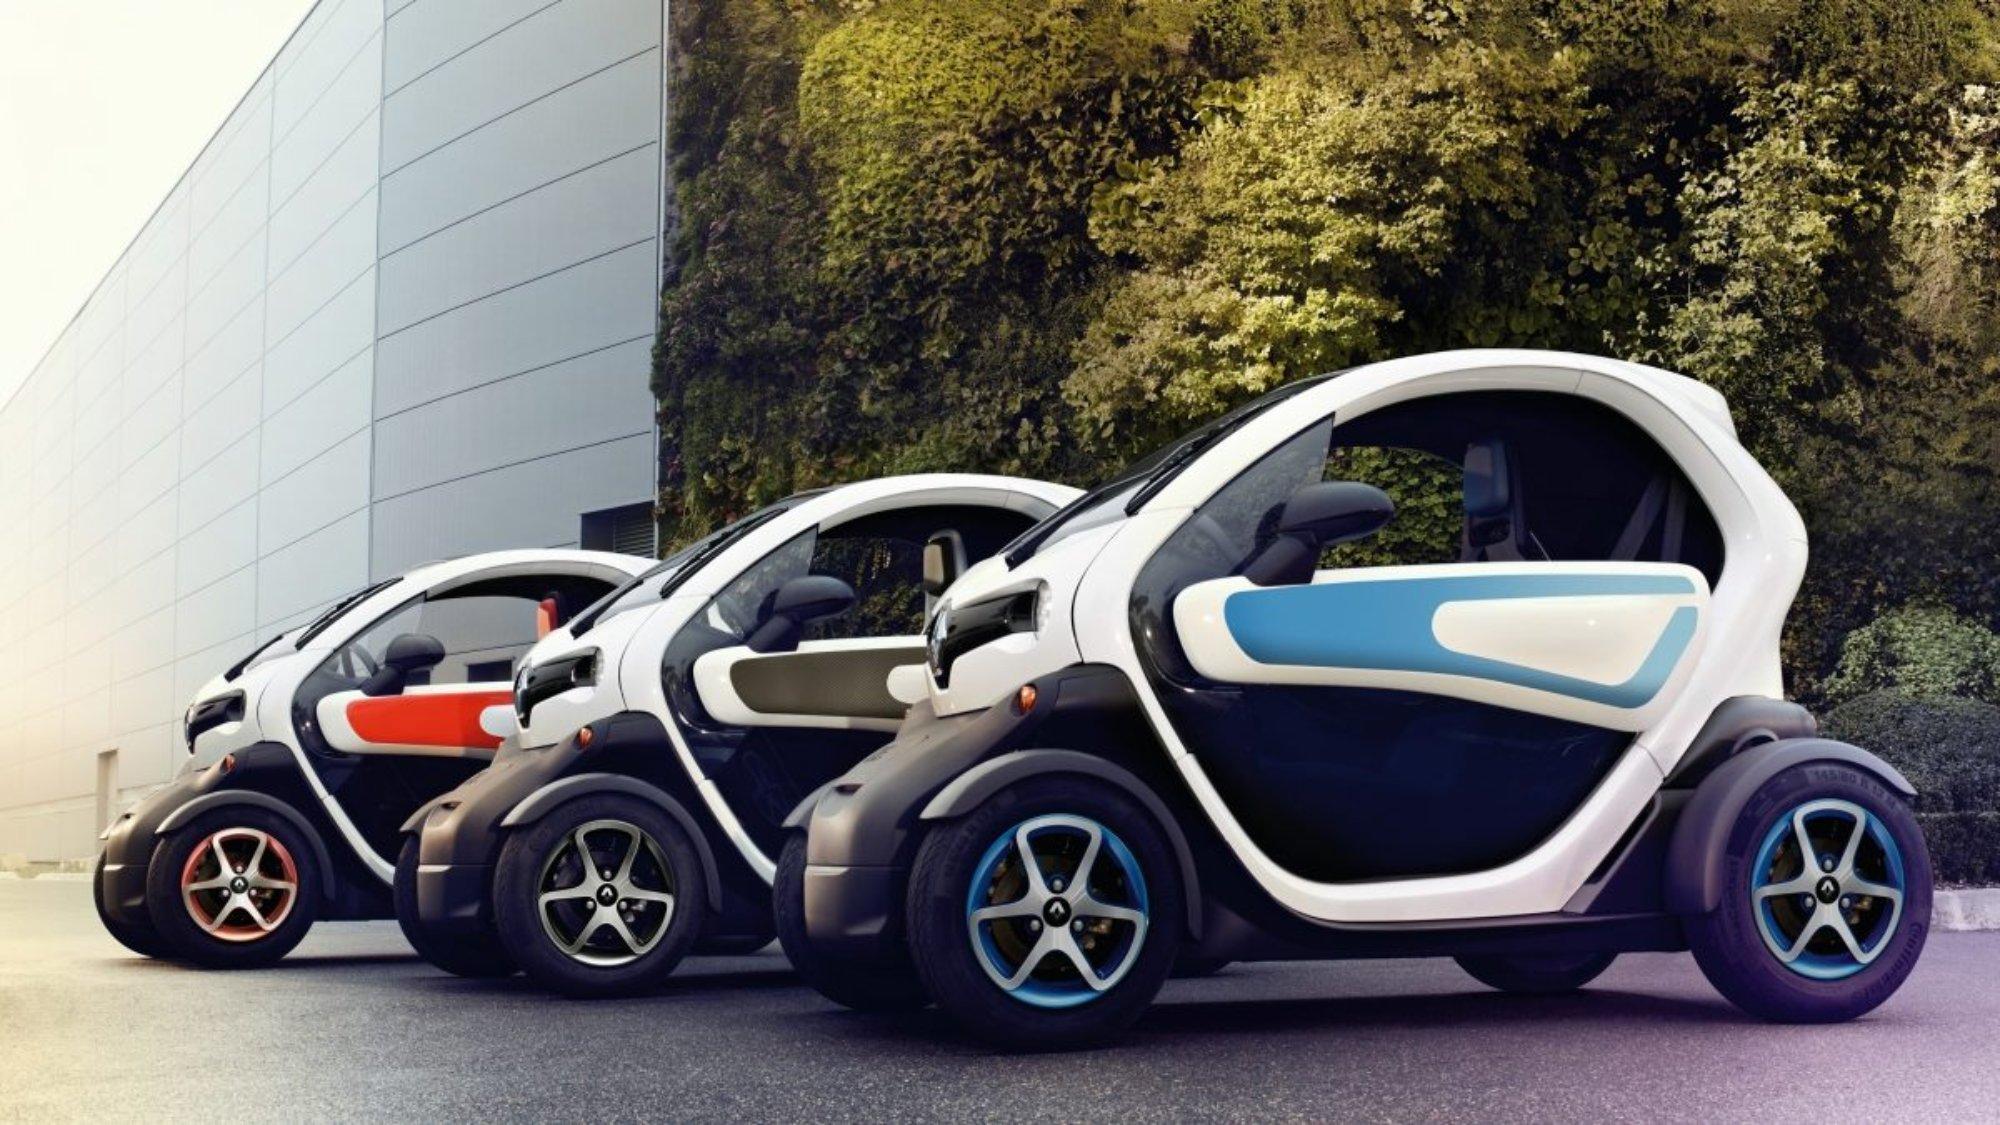 Renault Twizy la petite voiture 100% électrique ultra pratique